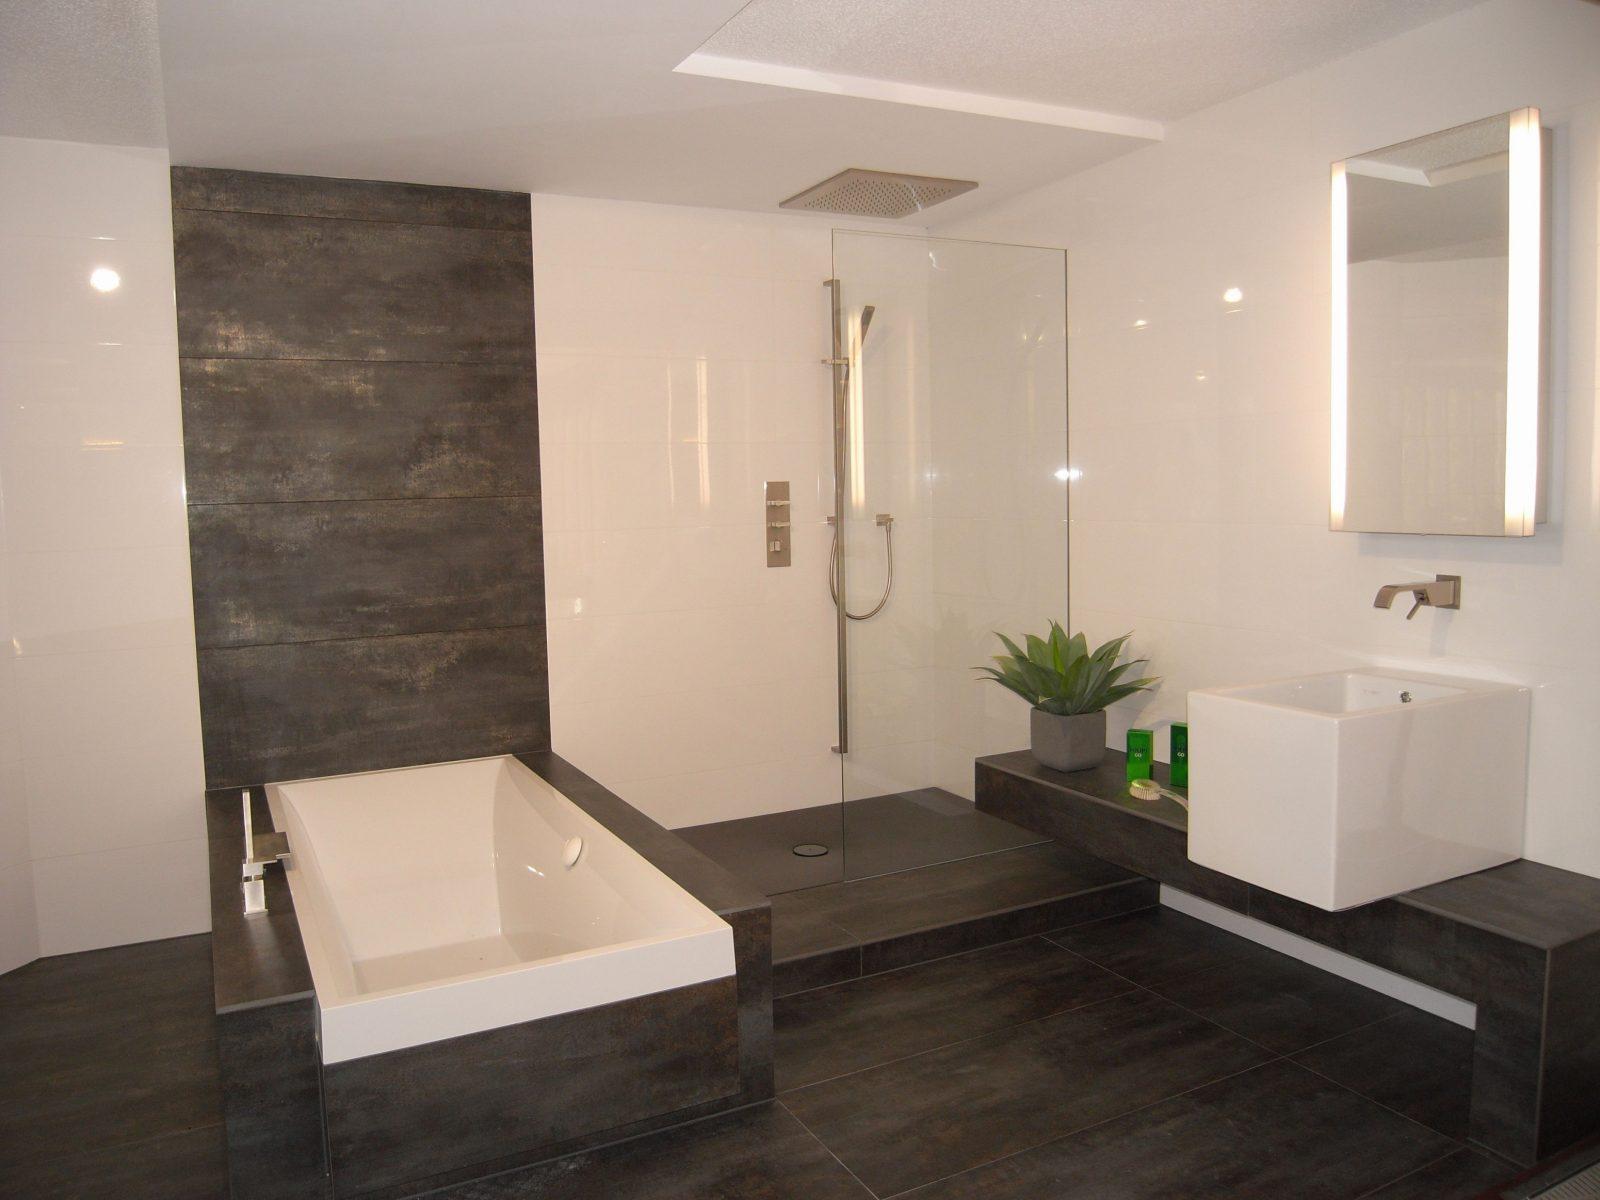 Badezimmer Fliesen Modern Badezimmer Tomis Media von Ideen Für Badezimmer Fliesen Photo